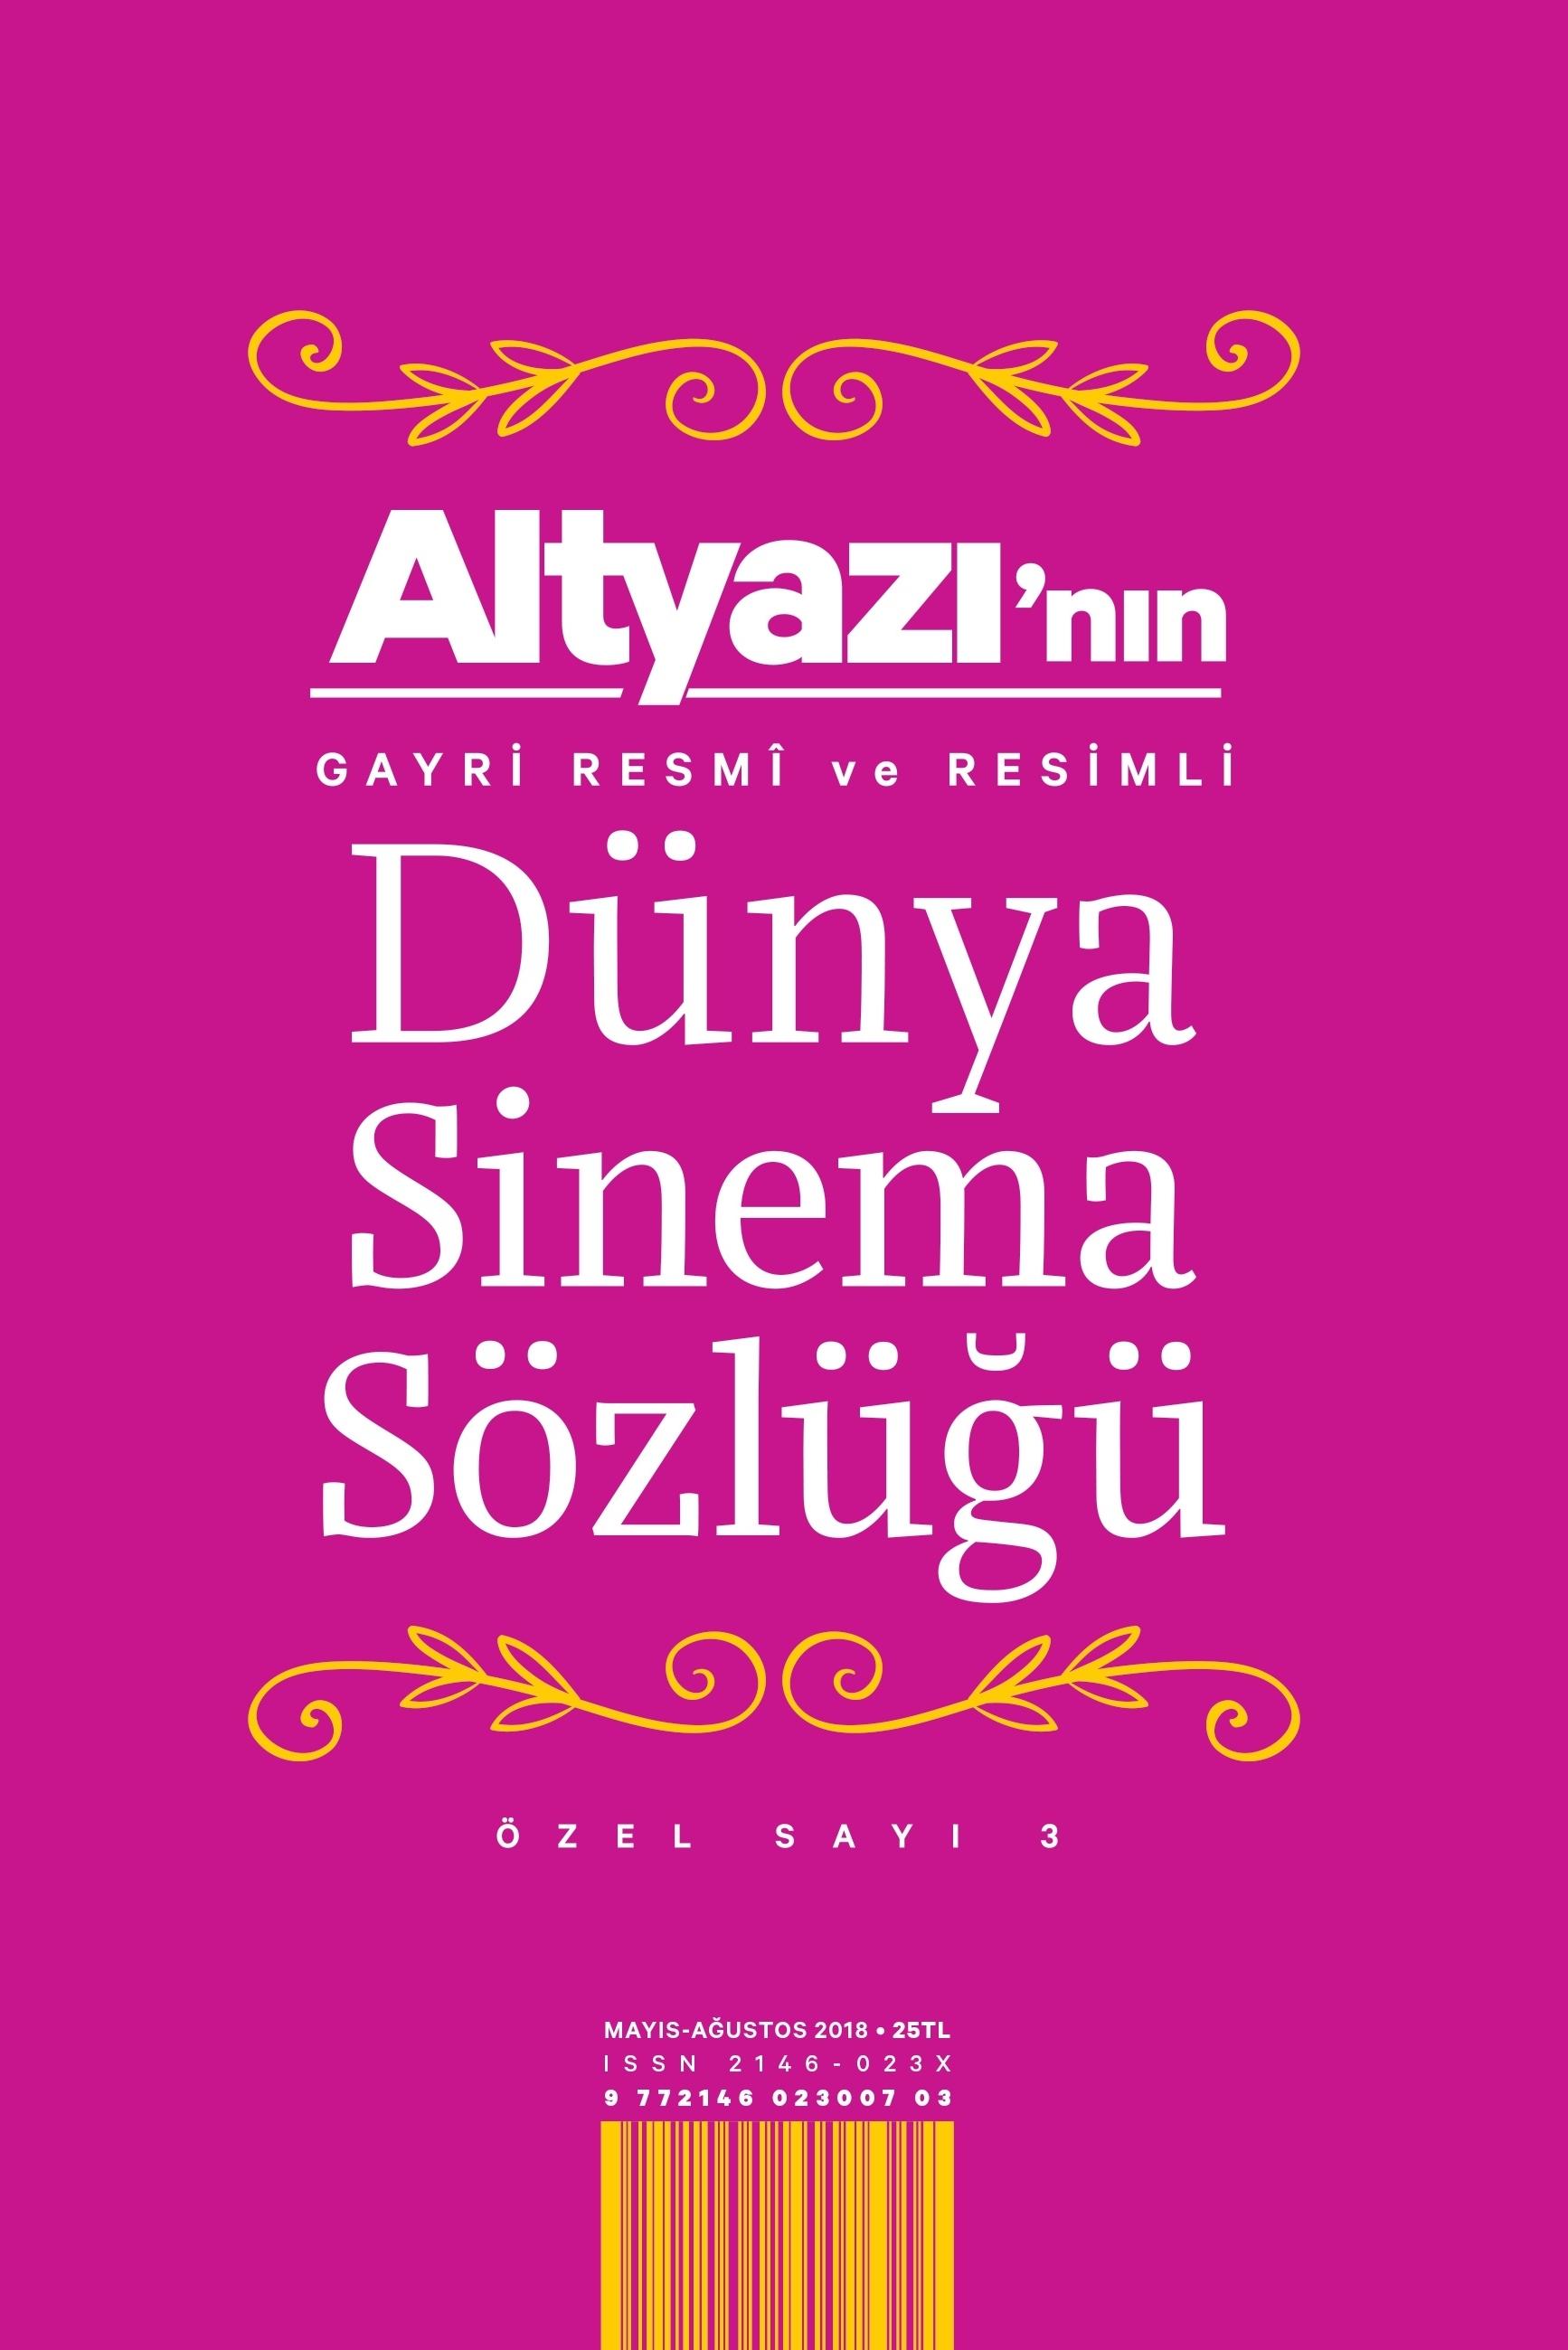 Altyazı'nın Gayri Resmî ve Resimli Dünya Sinema Sözlüğü